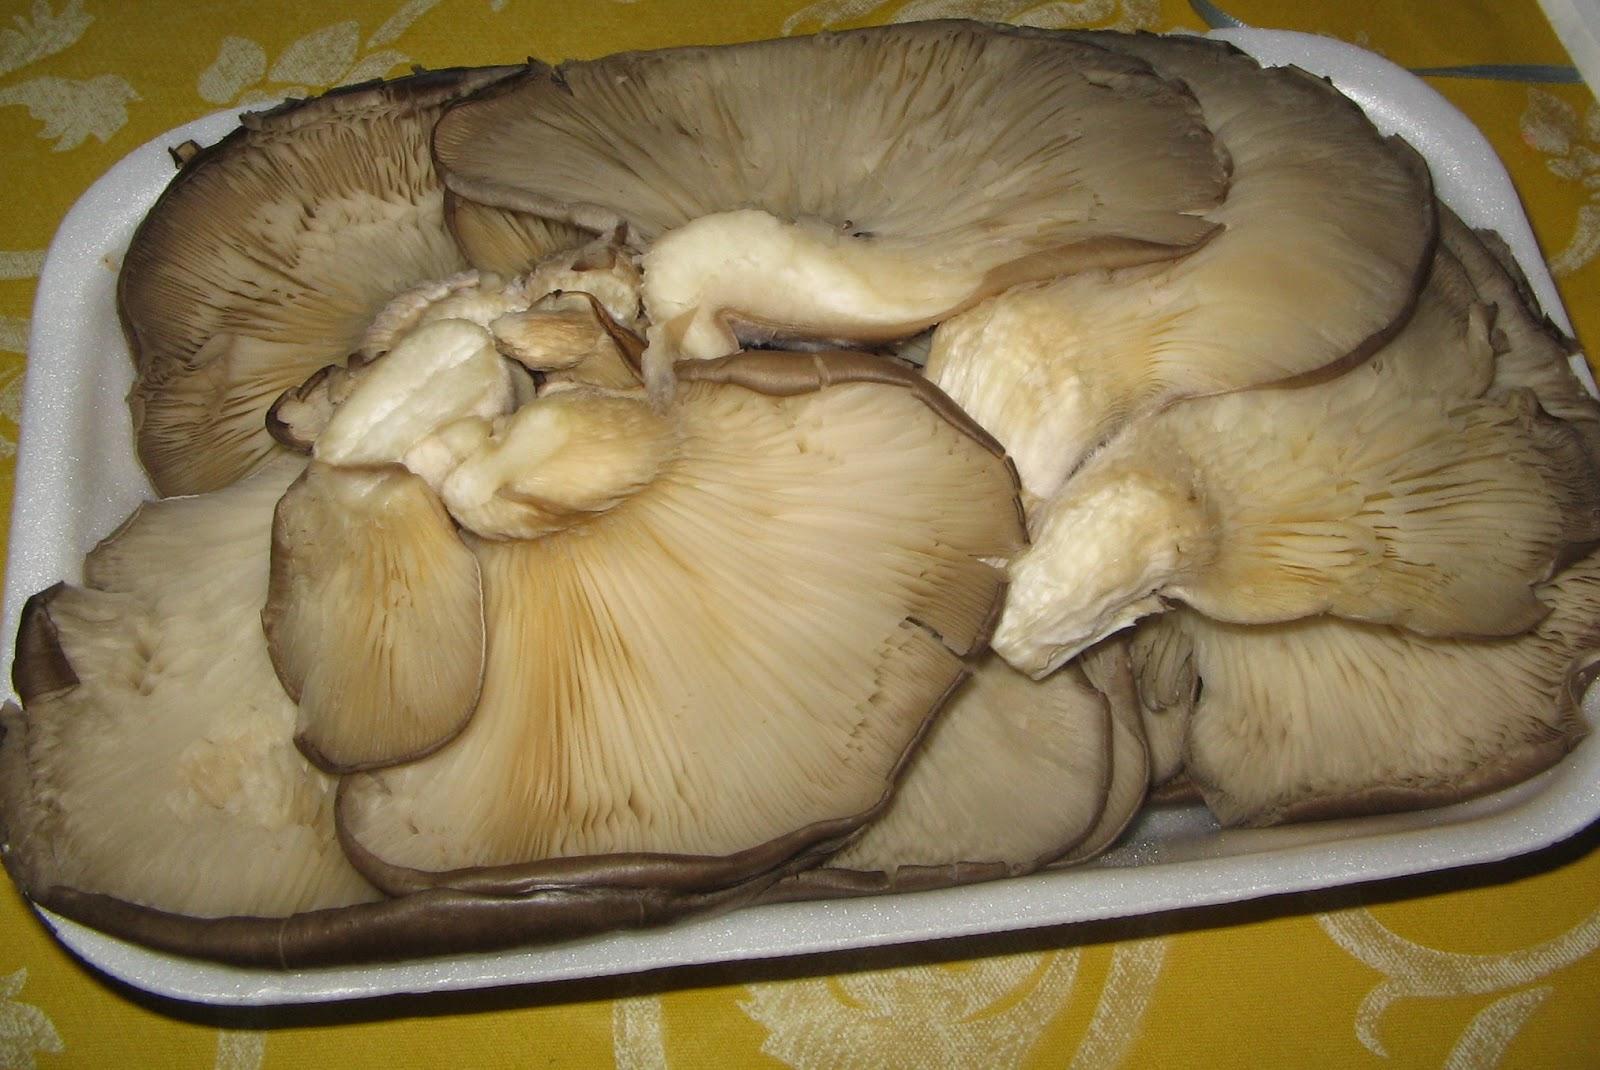 Non solo cucine isolane funghi pleurotus al forno for Cucinare funghi